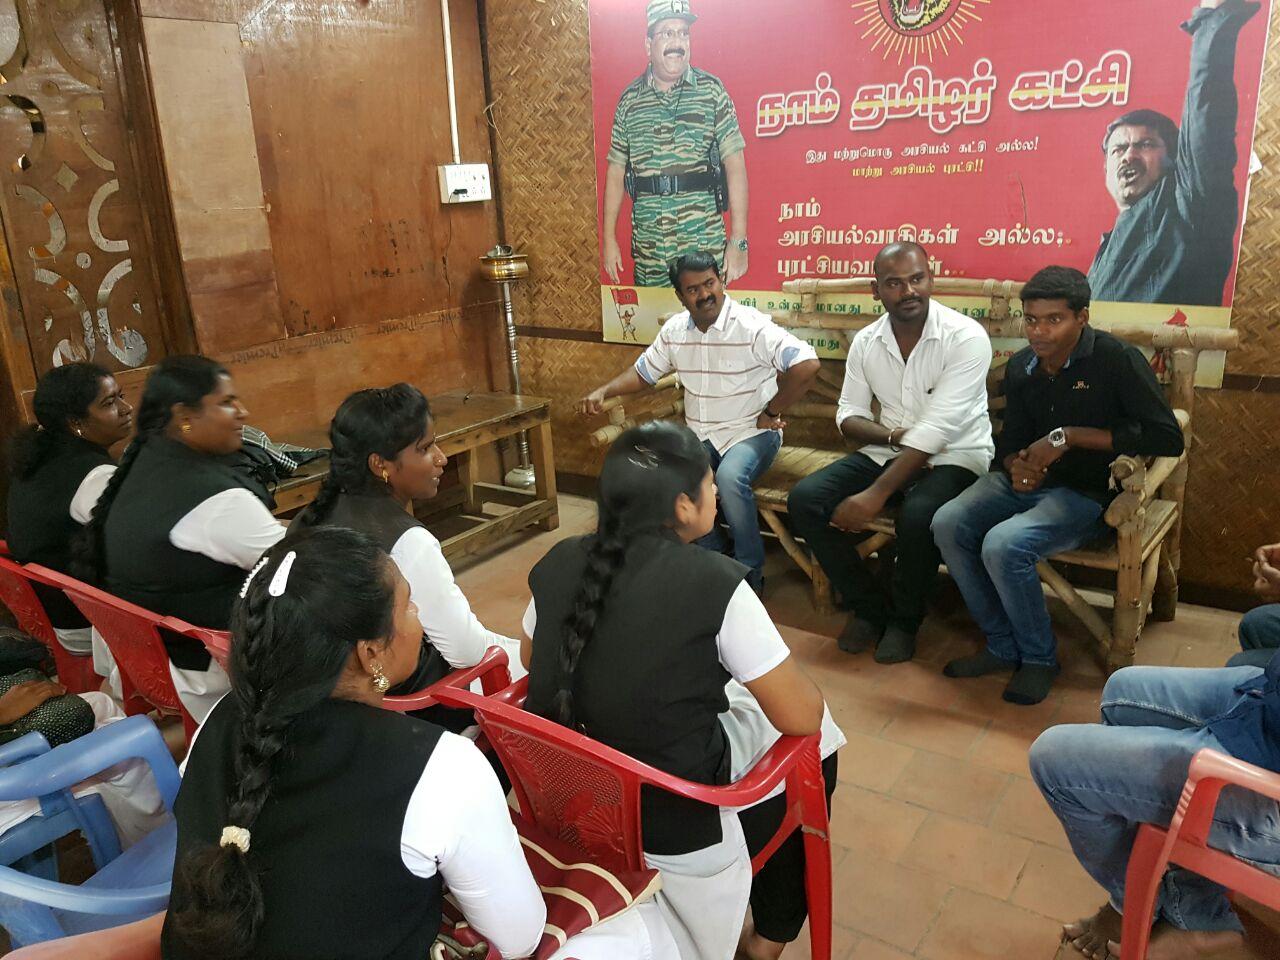 சென்னை சட்டக்கல்லூரி மாணவர்கள் 20 பேர் சீமானுடன் சந்திப்பு chennai law college students meet naam tamilar seeman1